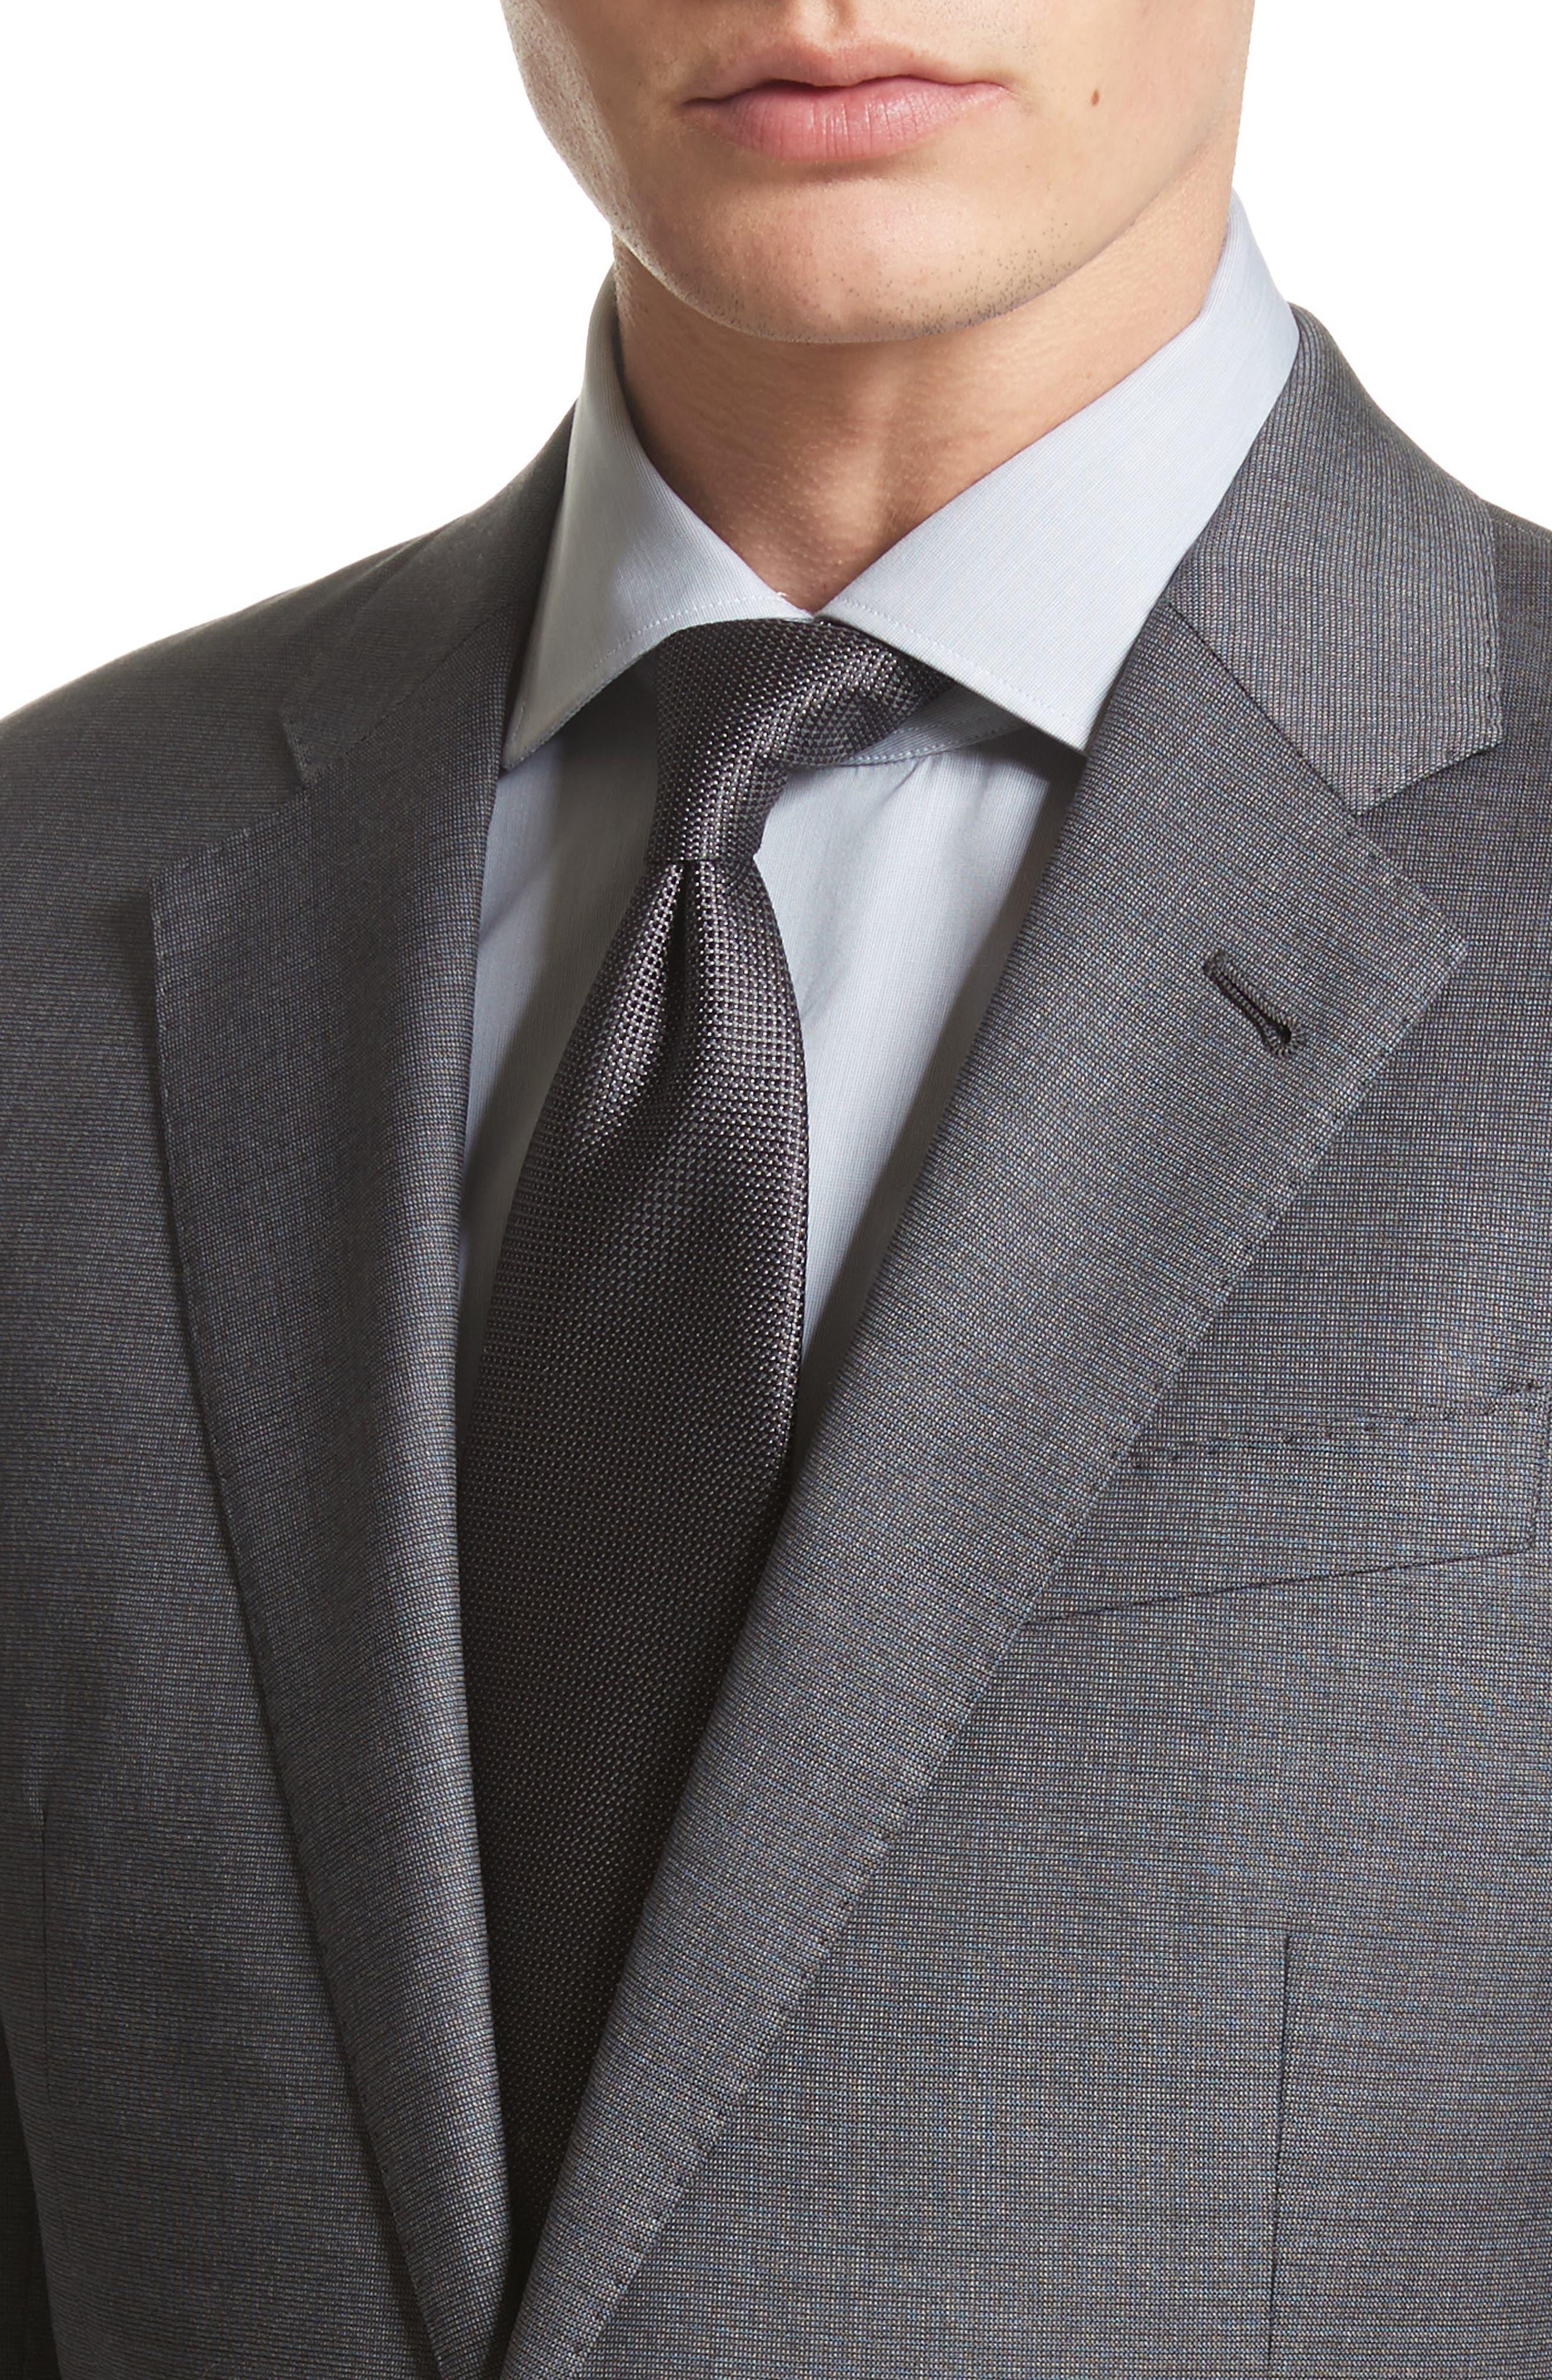 G-Line Trim Fit Solid Wool Suit,                             Alternate thumbnail 4, color,                             032